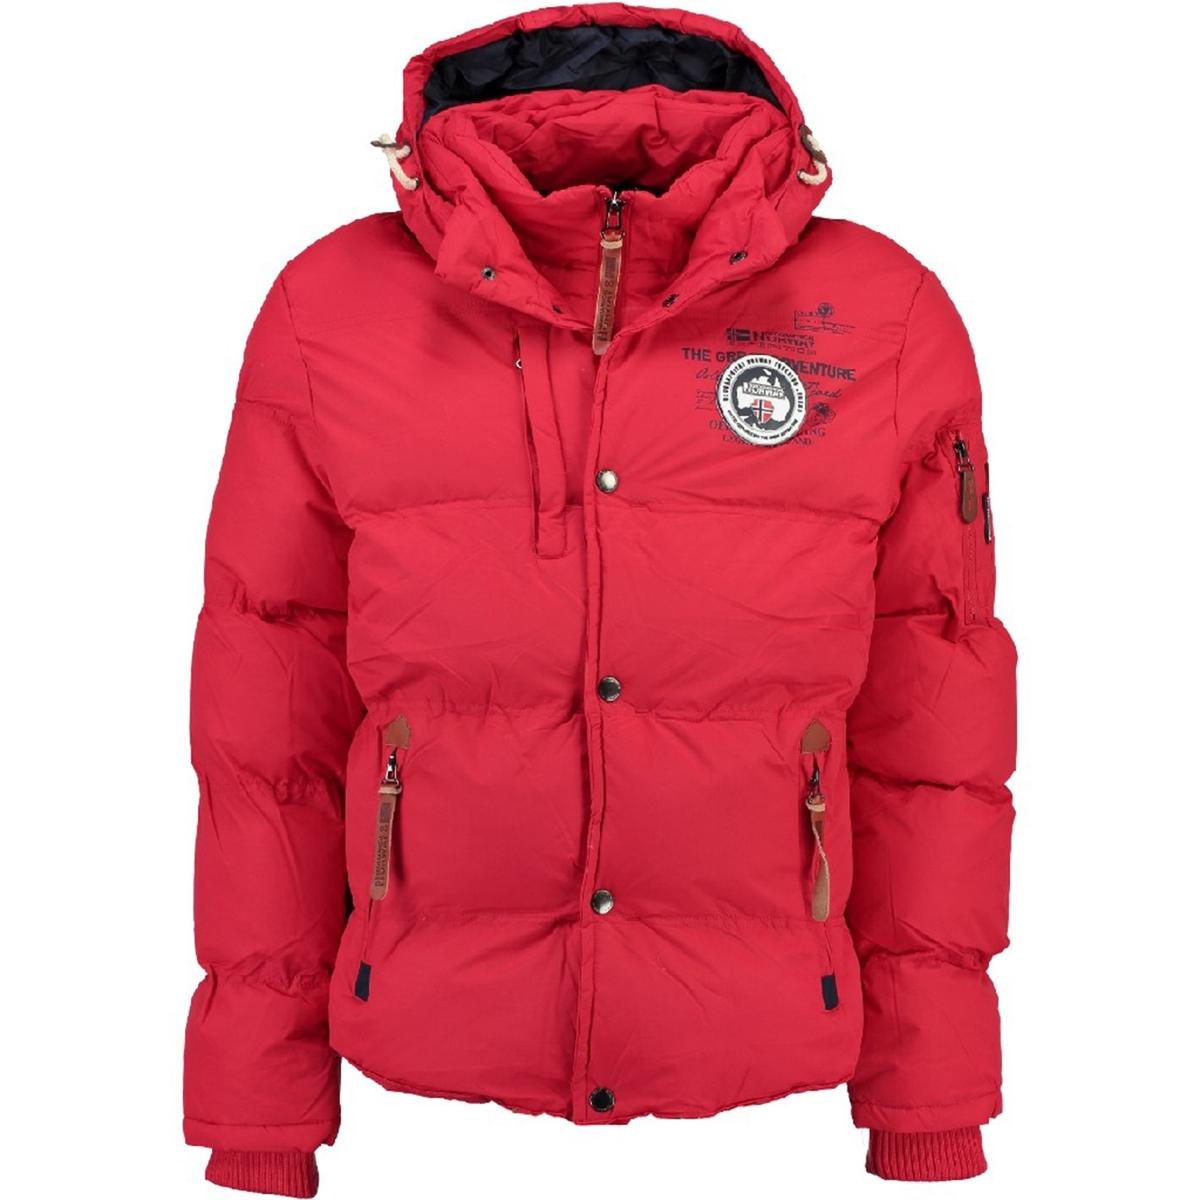 Куртка стеганаяДетали •  Длина : укороченная   •  Капюшон  •  Застежка на молниюСостав и уход •  100% полиамид  •  Следуйте советам по уходу, указанным на этикетке<br><br>Цвет: красный<br>Размер: S